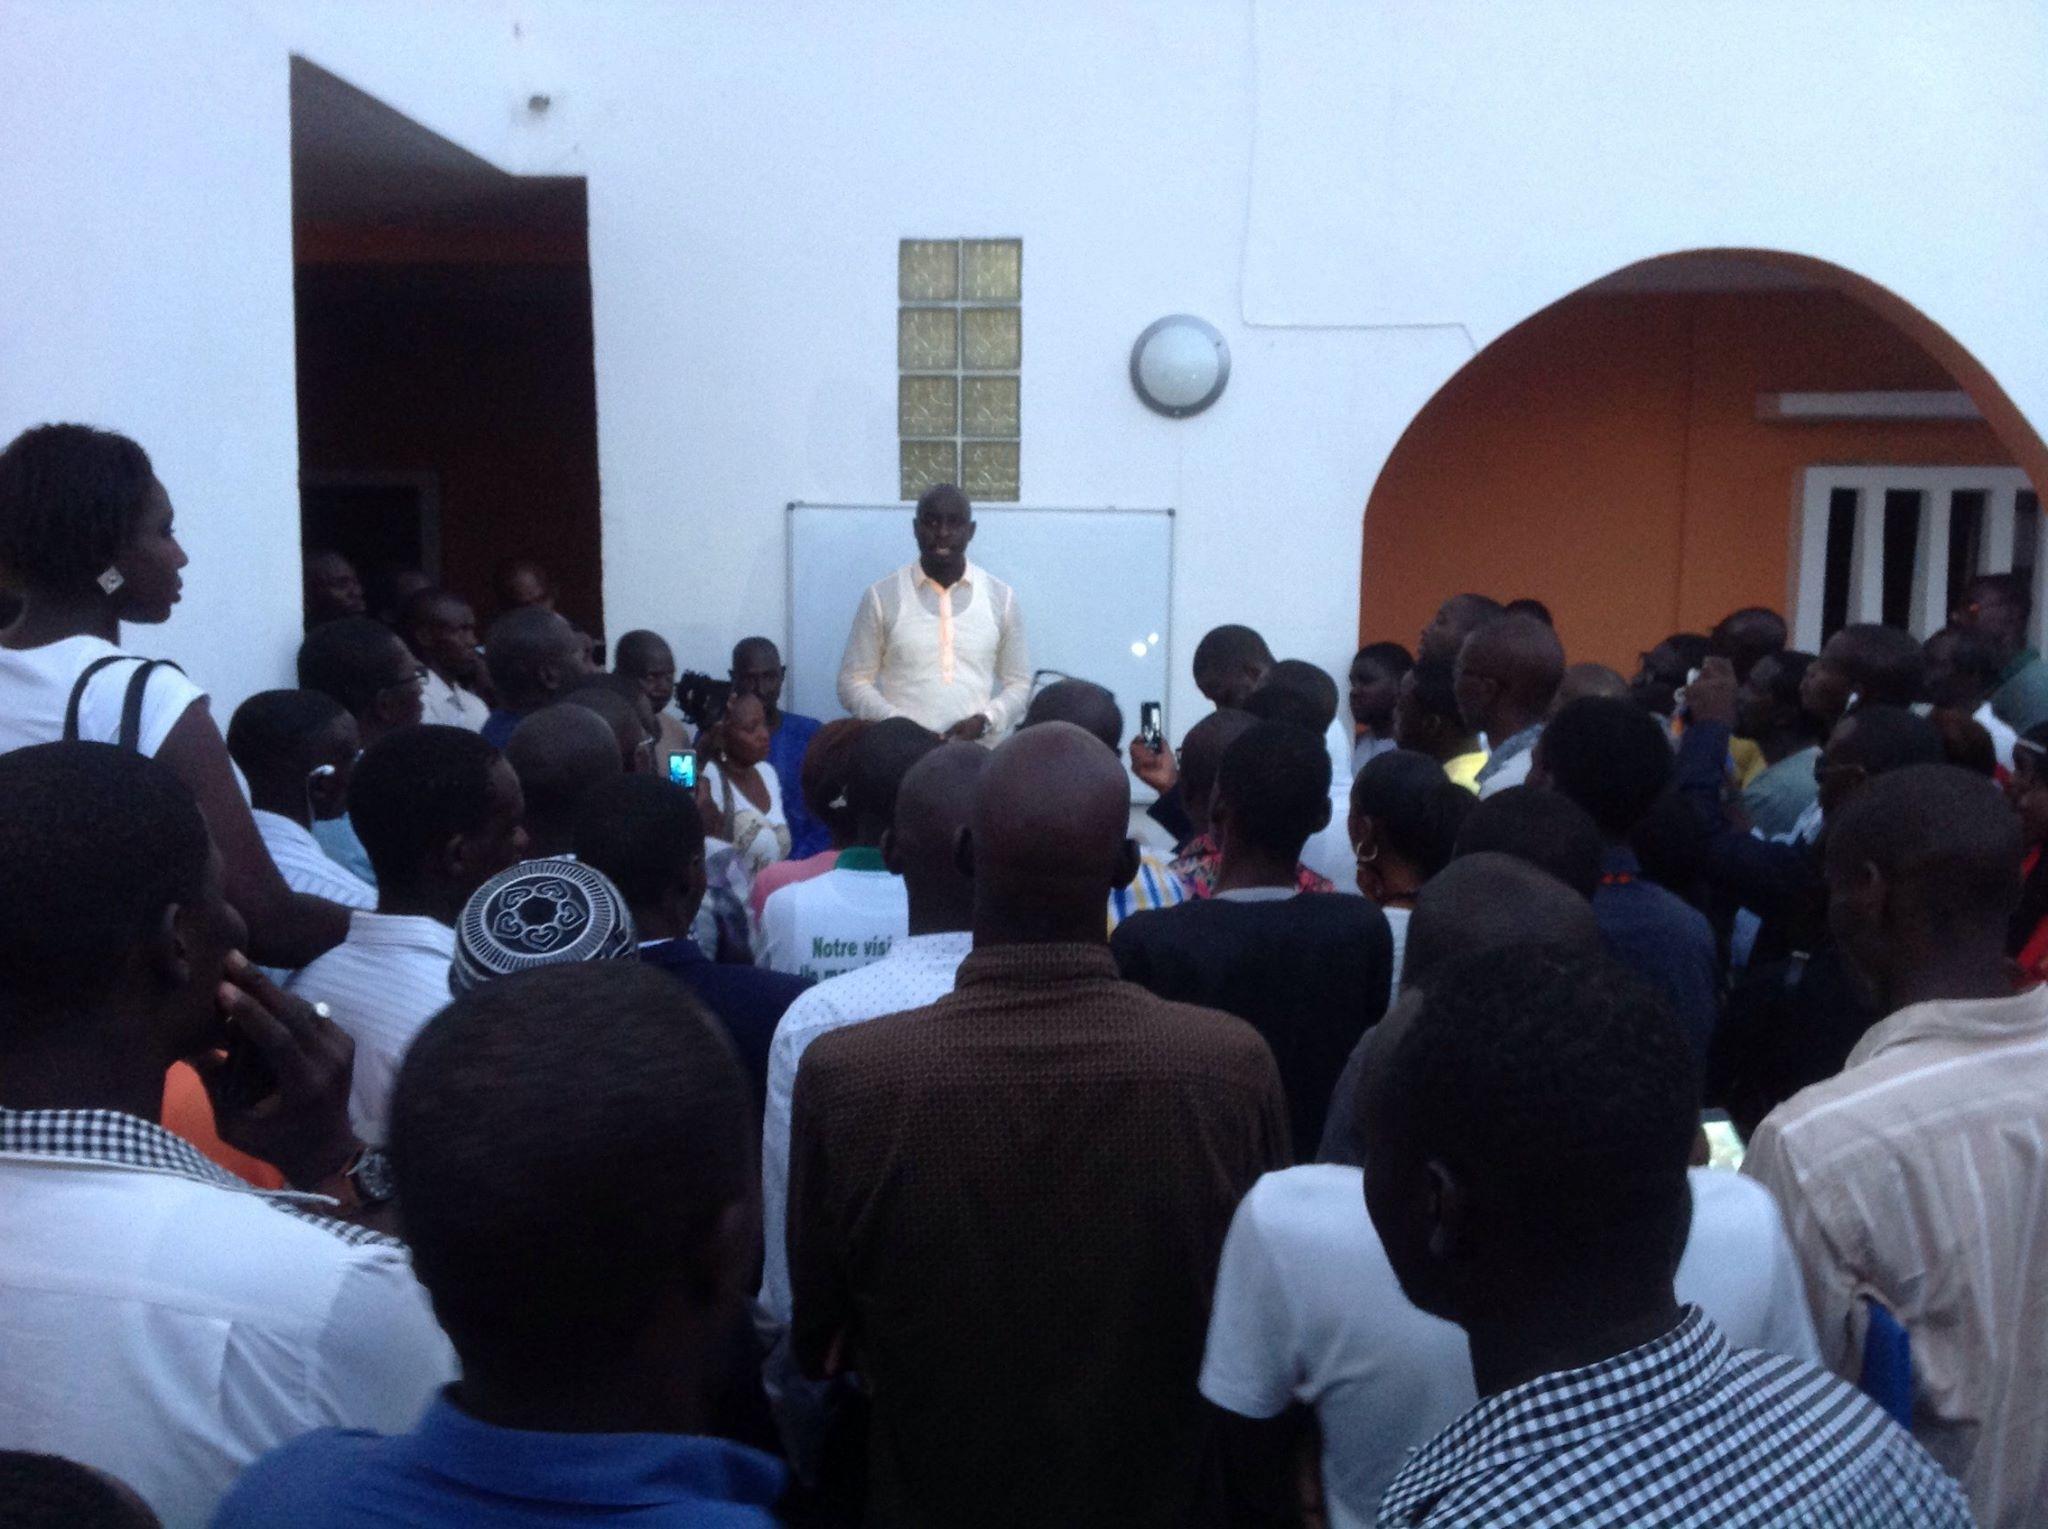 Manifestation du Grand cadre de l'opposition aujourd'hui : Les jeunes de Rewmi demandent une participation massive de leurs militants